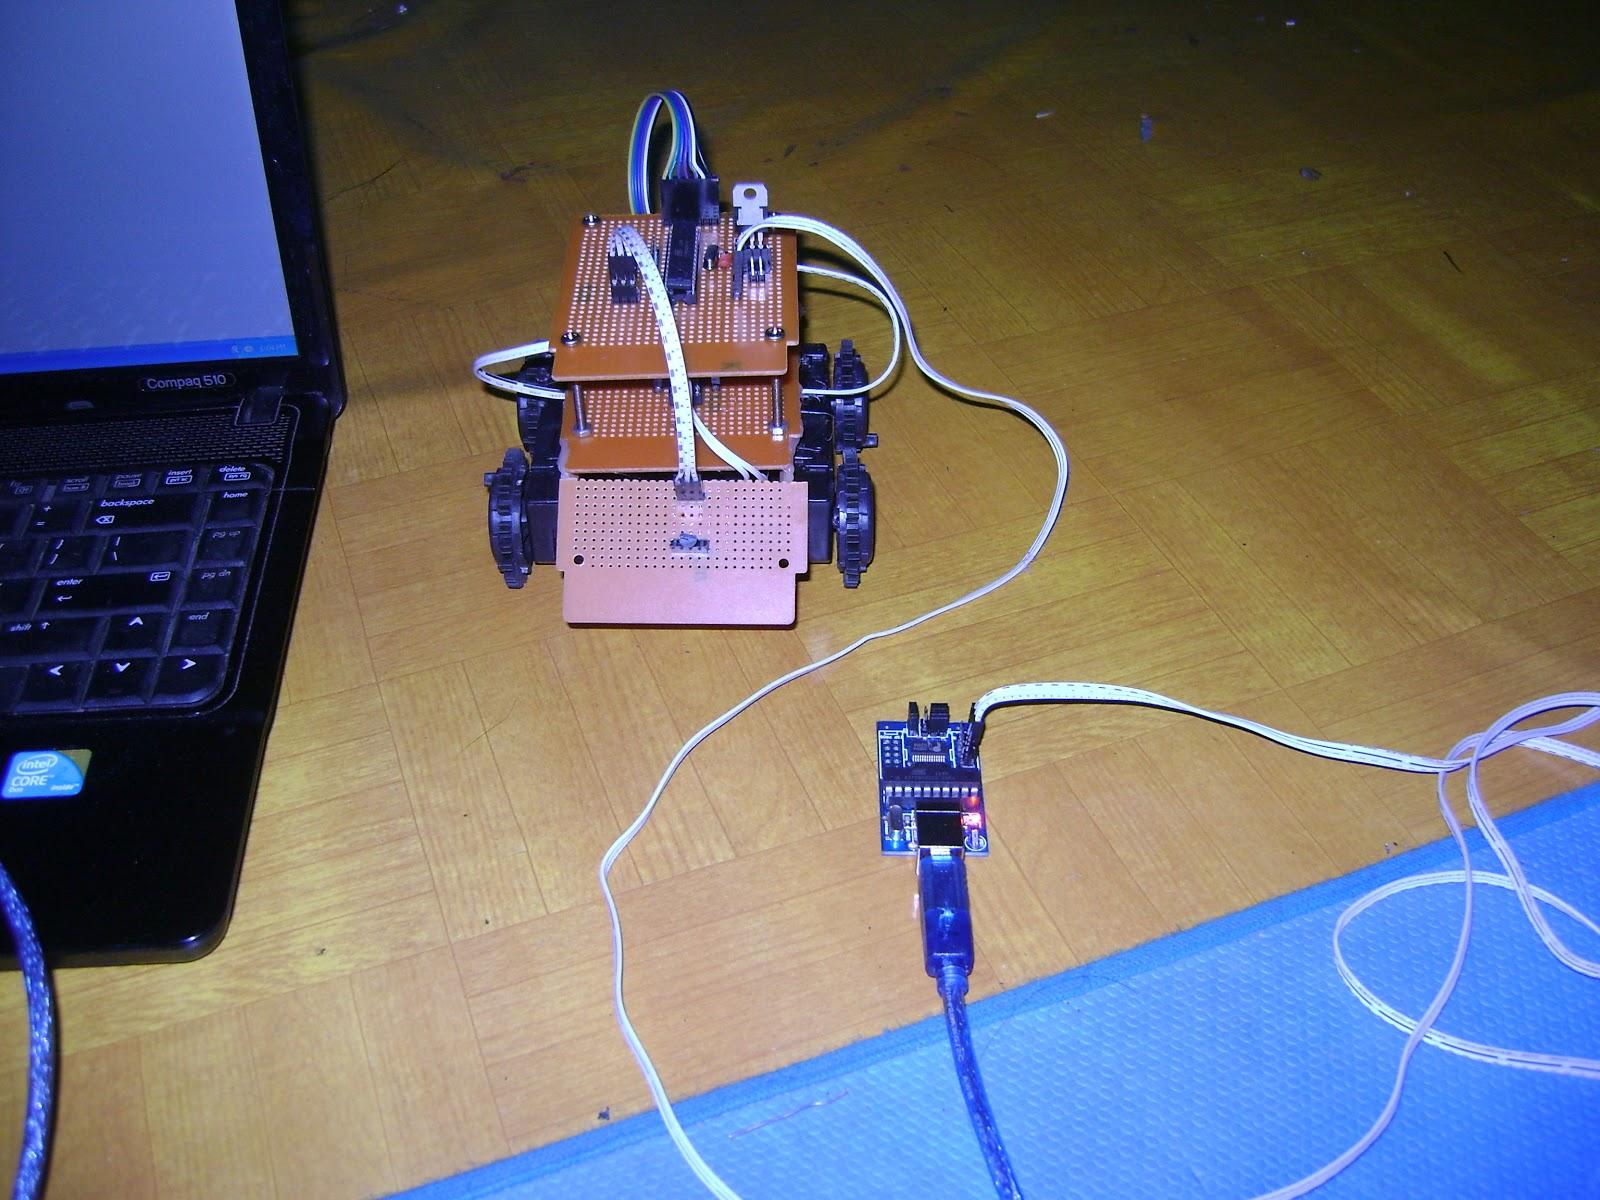 Robot Monitoring Suhu Kontrol Pc T Spybot Bolabot Sensor Lm35 Ini Dapat Dikontrol Menggunakan Laptop Serta Mengirimkan Data Dari Secara Real Time